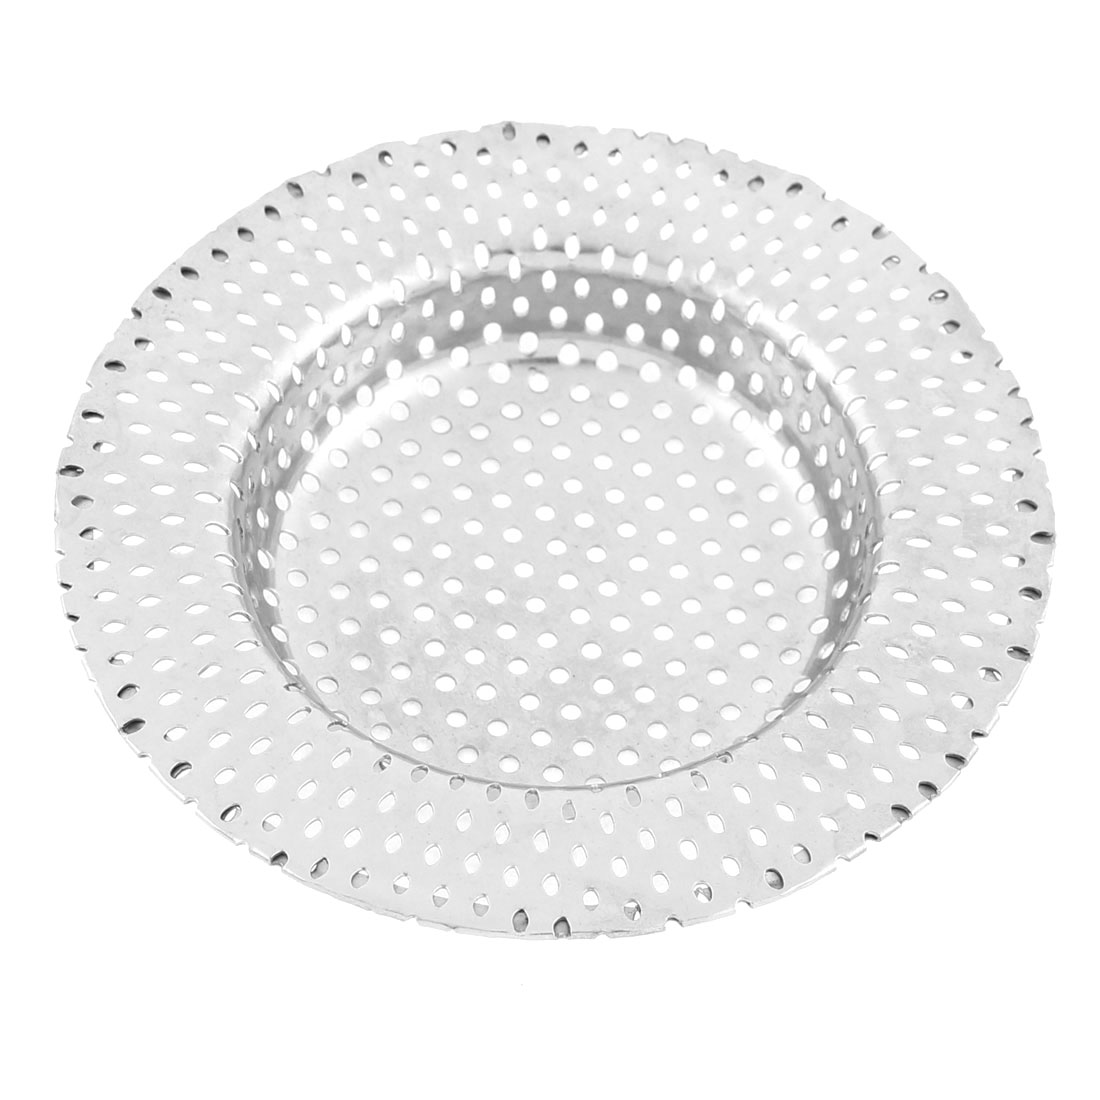 Bathroom Kitchen Mesh Basket Sink Basin Drainer Strainer 9cm Dia